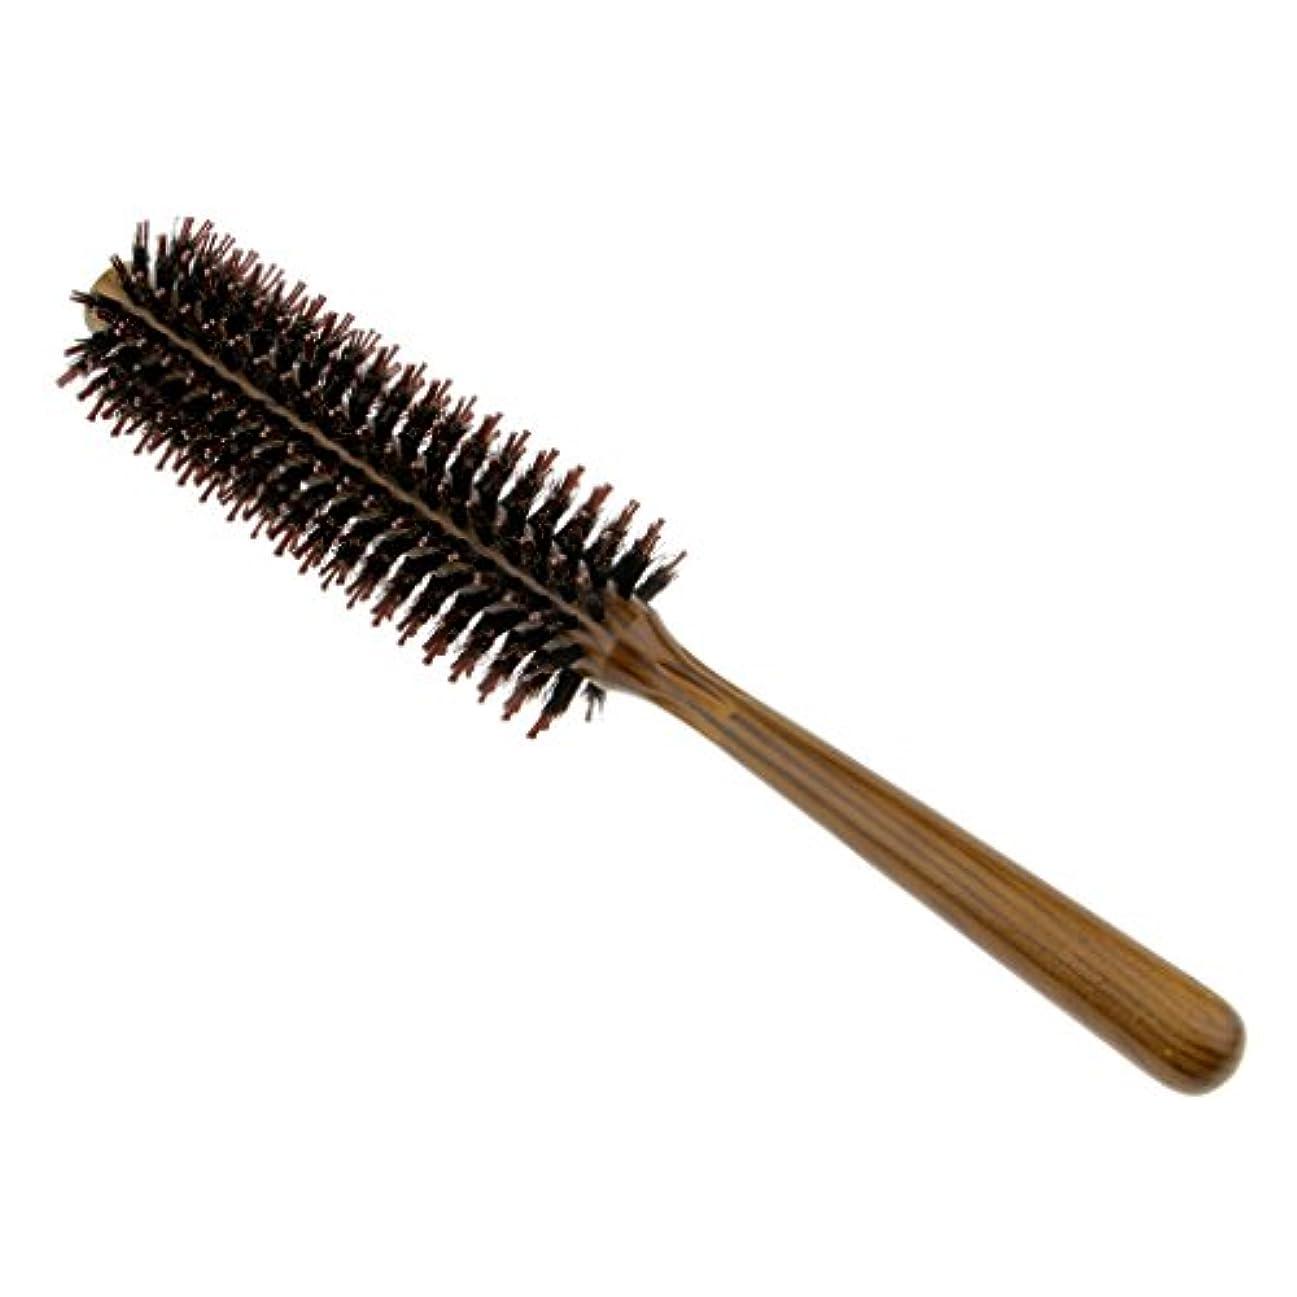 衣服更新する間違いFutuHome サロン剛毛カーリングヘアラウンドブラシバレルヘアスタイリングコームヘアブラシ - S